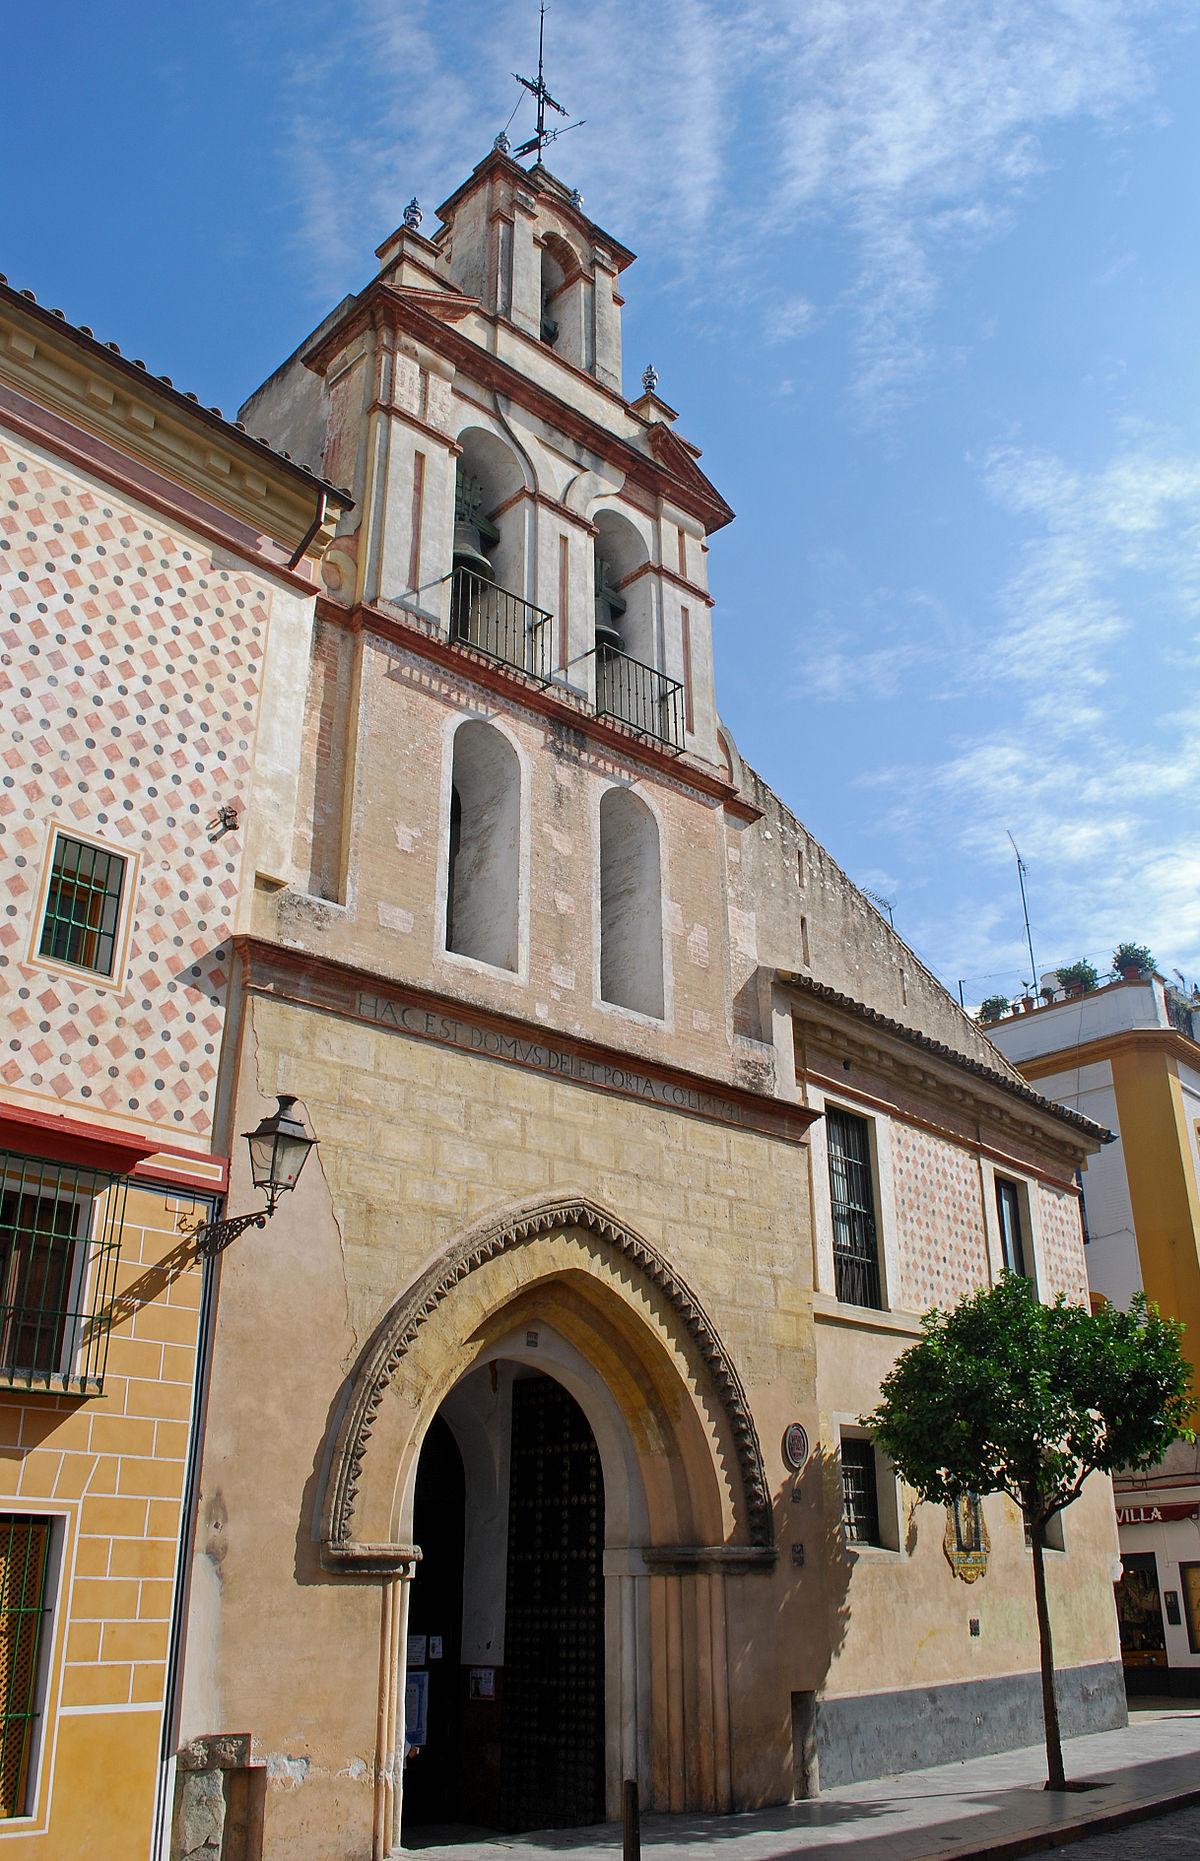 iglesia de santa maria la blanca Sevilla